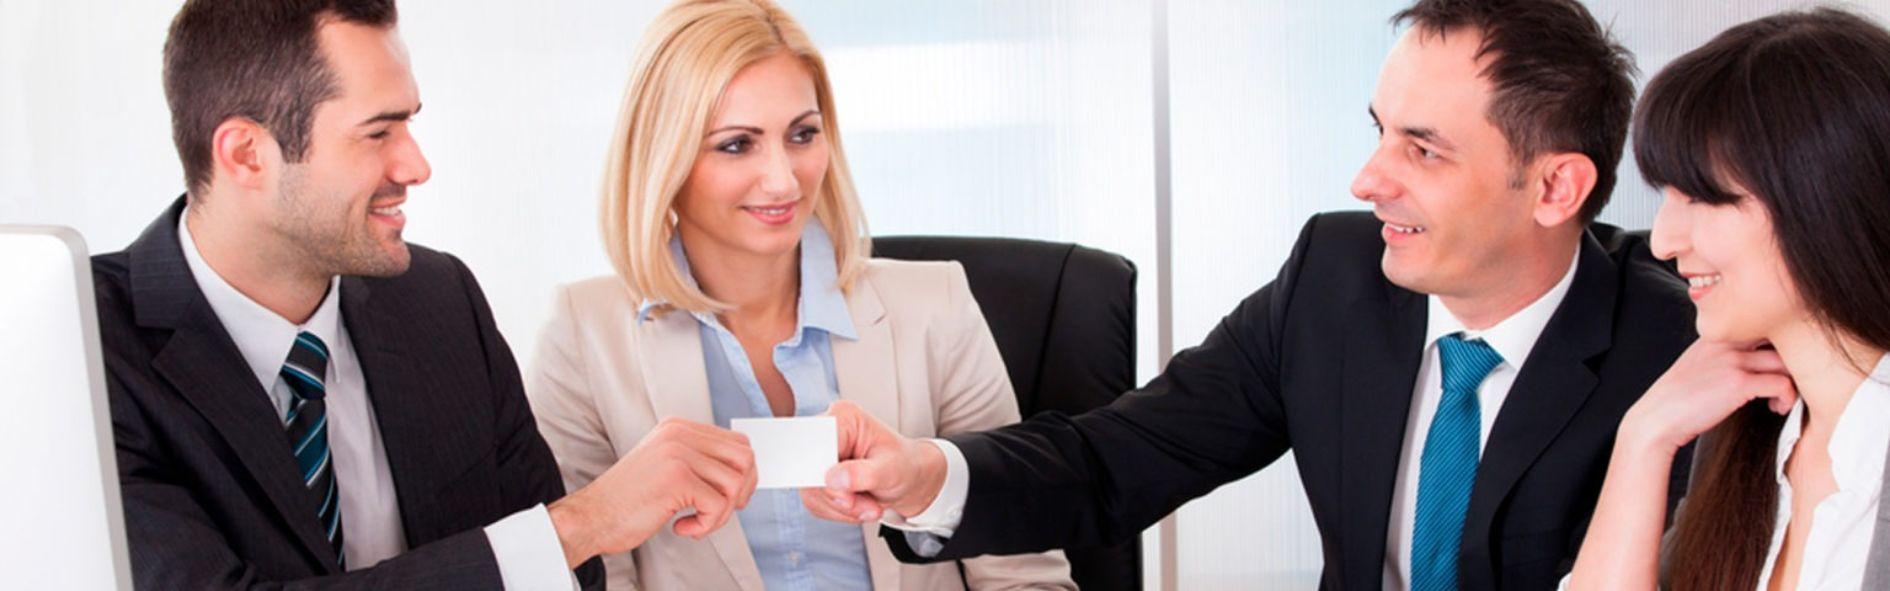 Descubre las relaciones públicas y las ventajas que ofrecen para las empresas